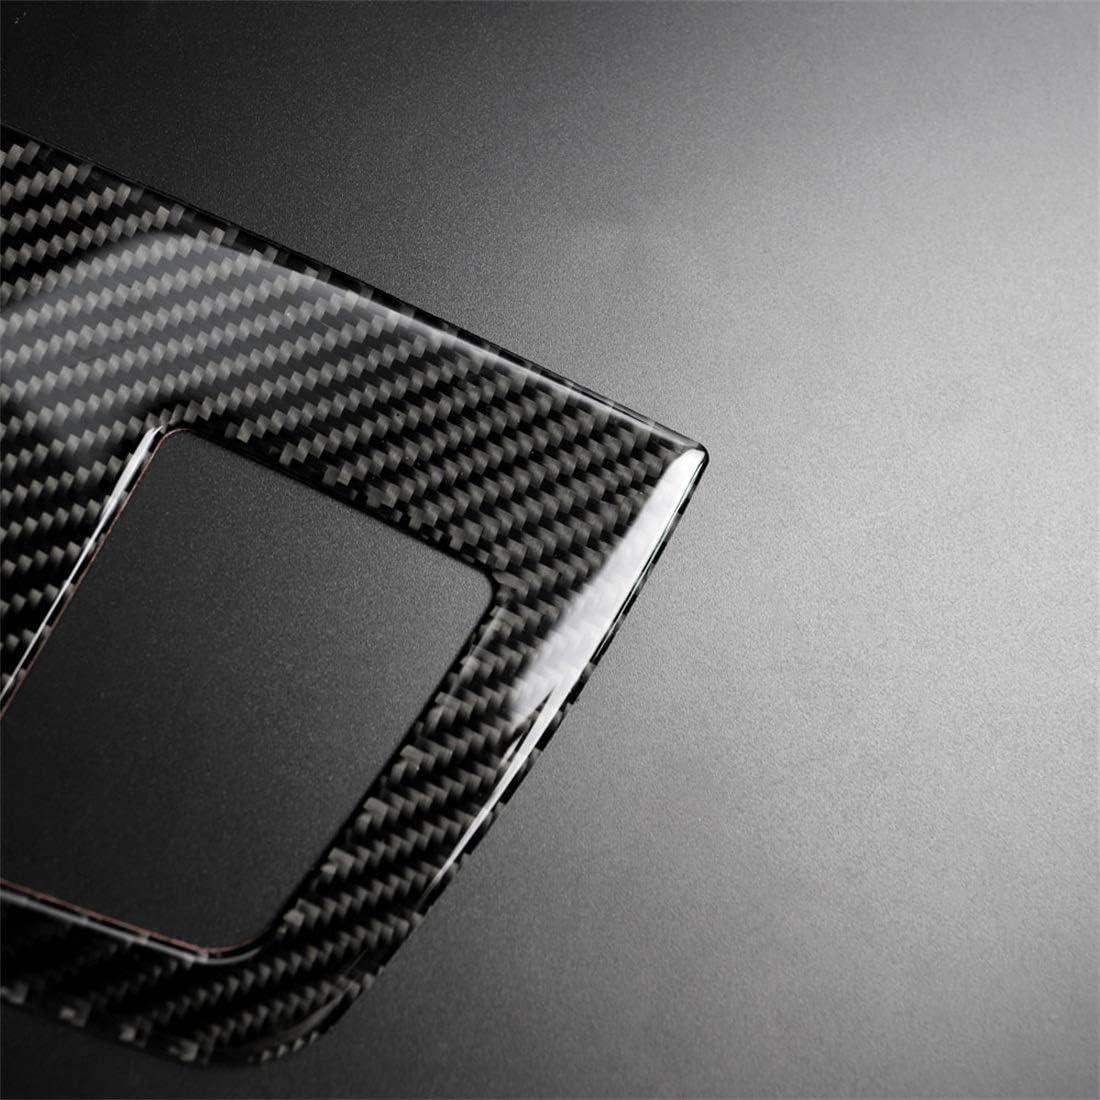 Semplice e Pratico Leluckly1 Facile da smontare e installare Fibra di Carbonio Strumento dellautomobile Grande Outlet Adesivo Decorativo for BMW E90 2005-2012